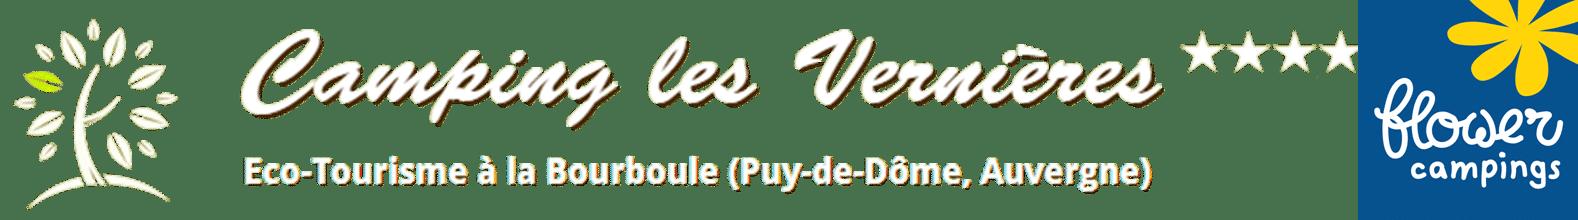 Camping Les Vernières - La Bourboule